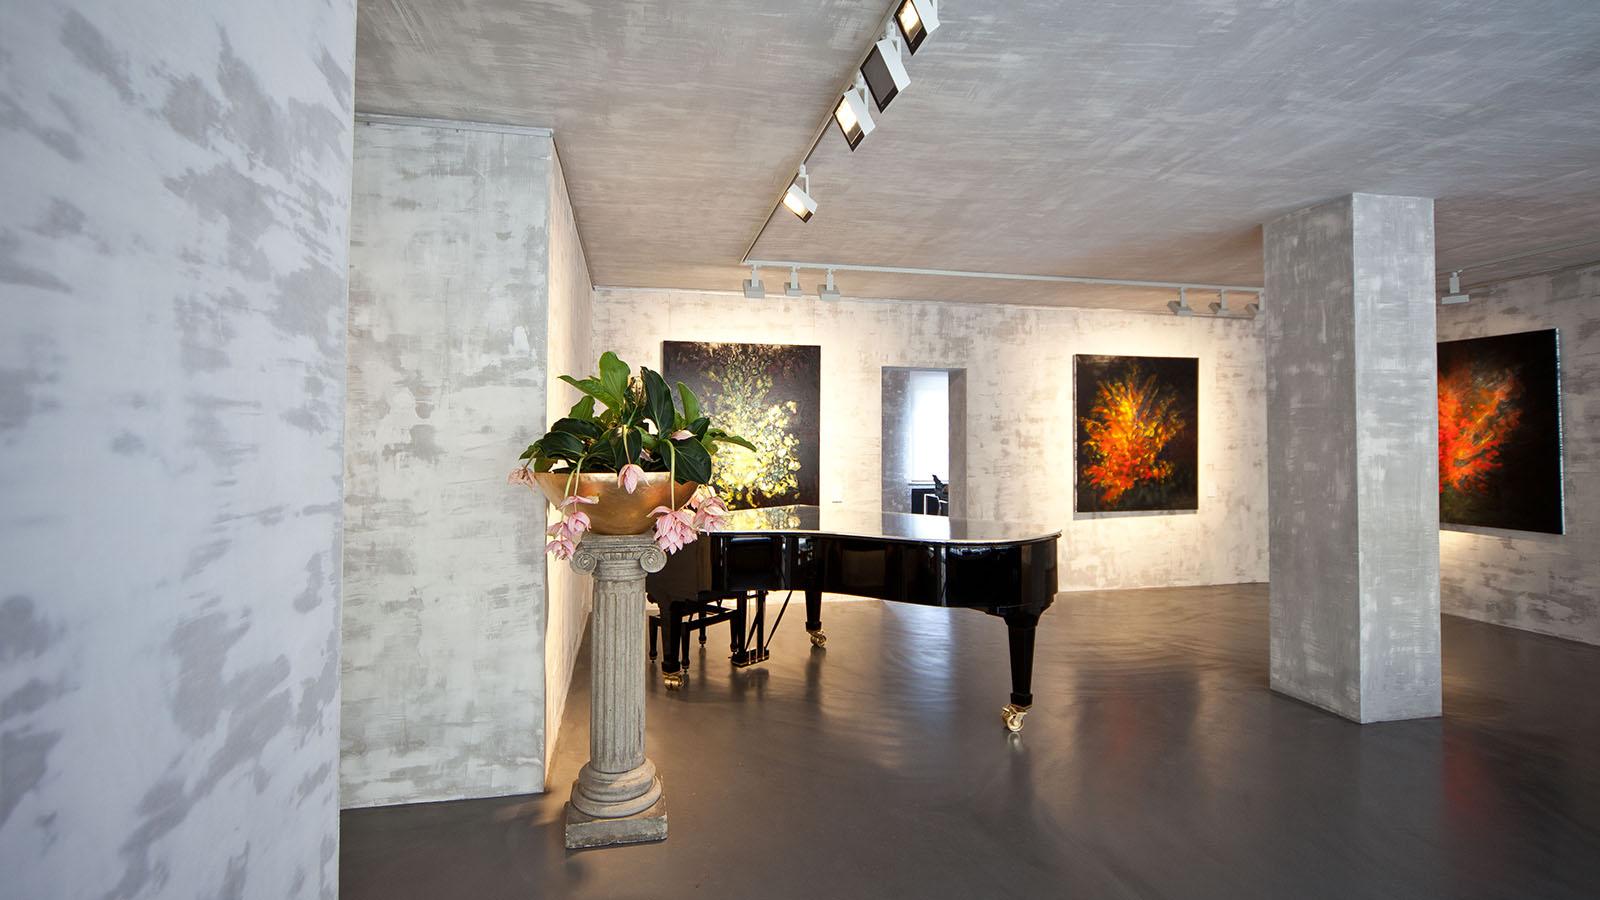 gestaltung von wanden. Black Bedroom Furniture Sets. Home Design Ideas